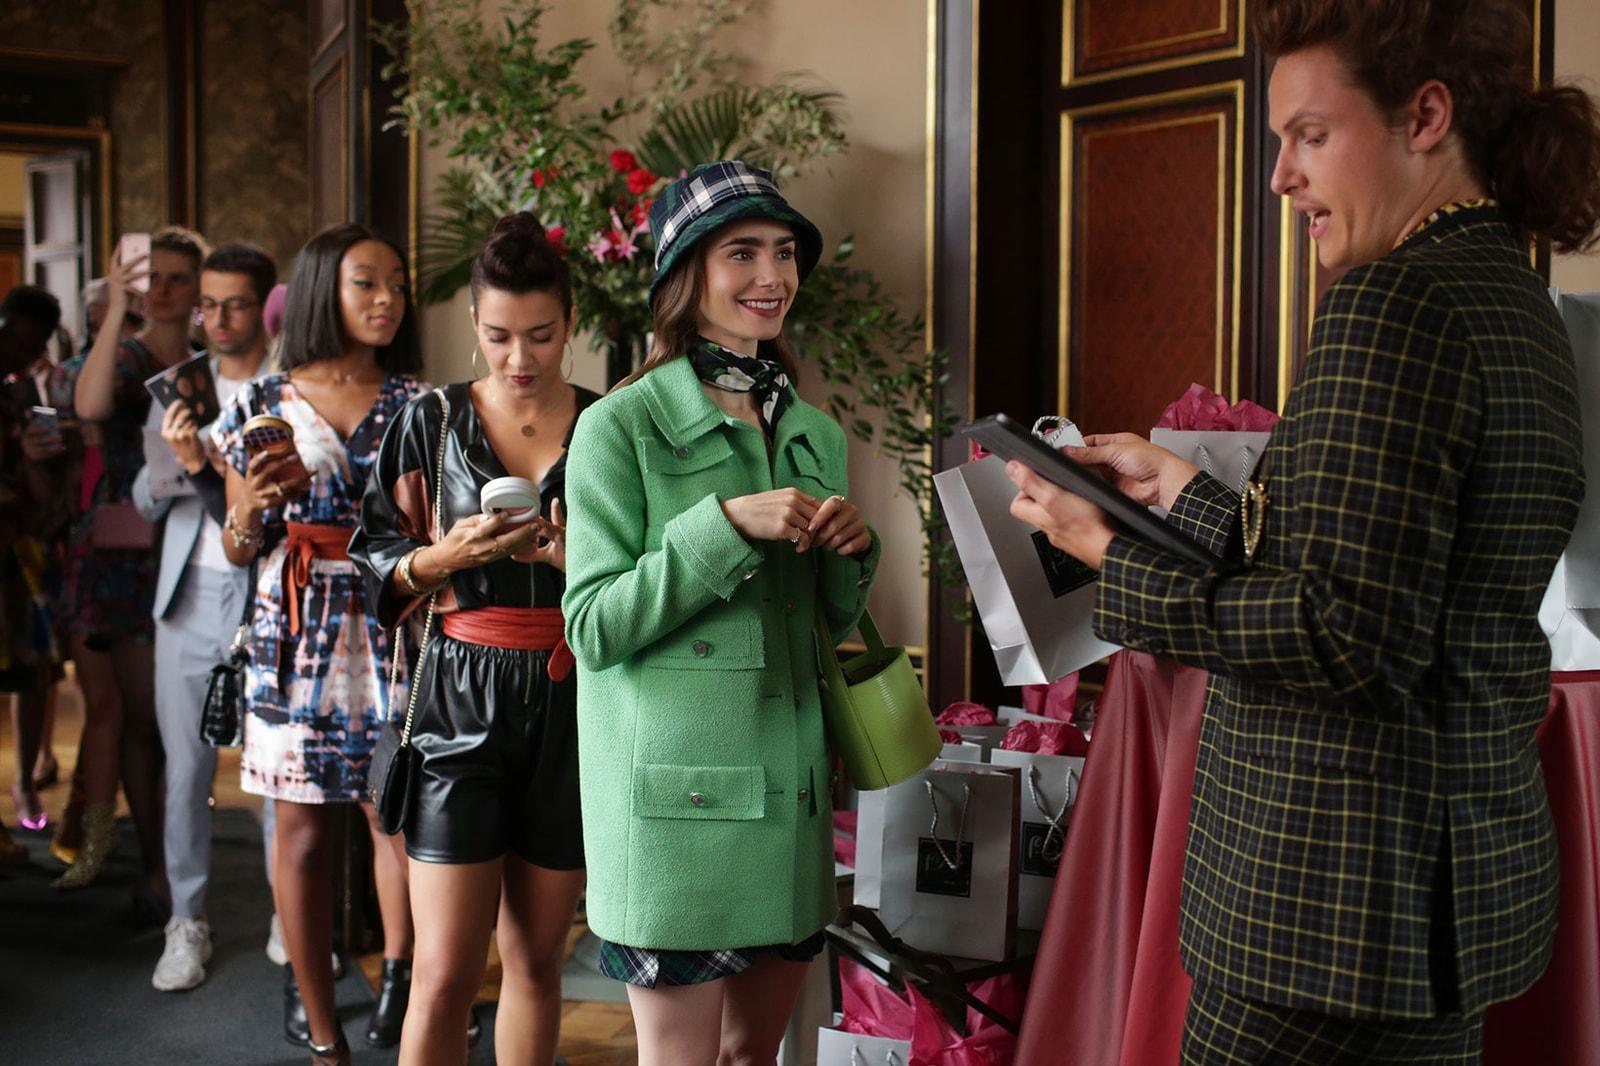 emily in paris season 2 netflix plot predictions spoilers premiere release lily collins lucas bravo camille razat